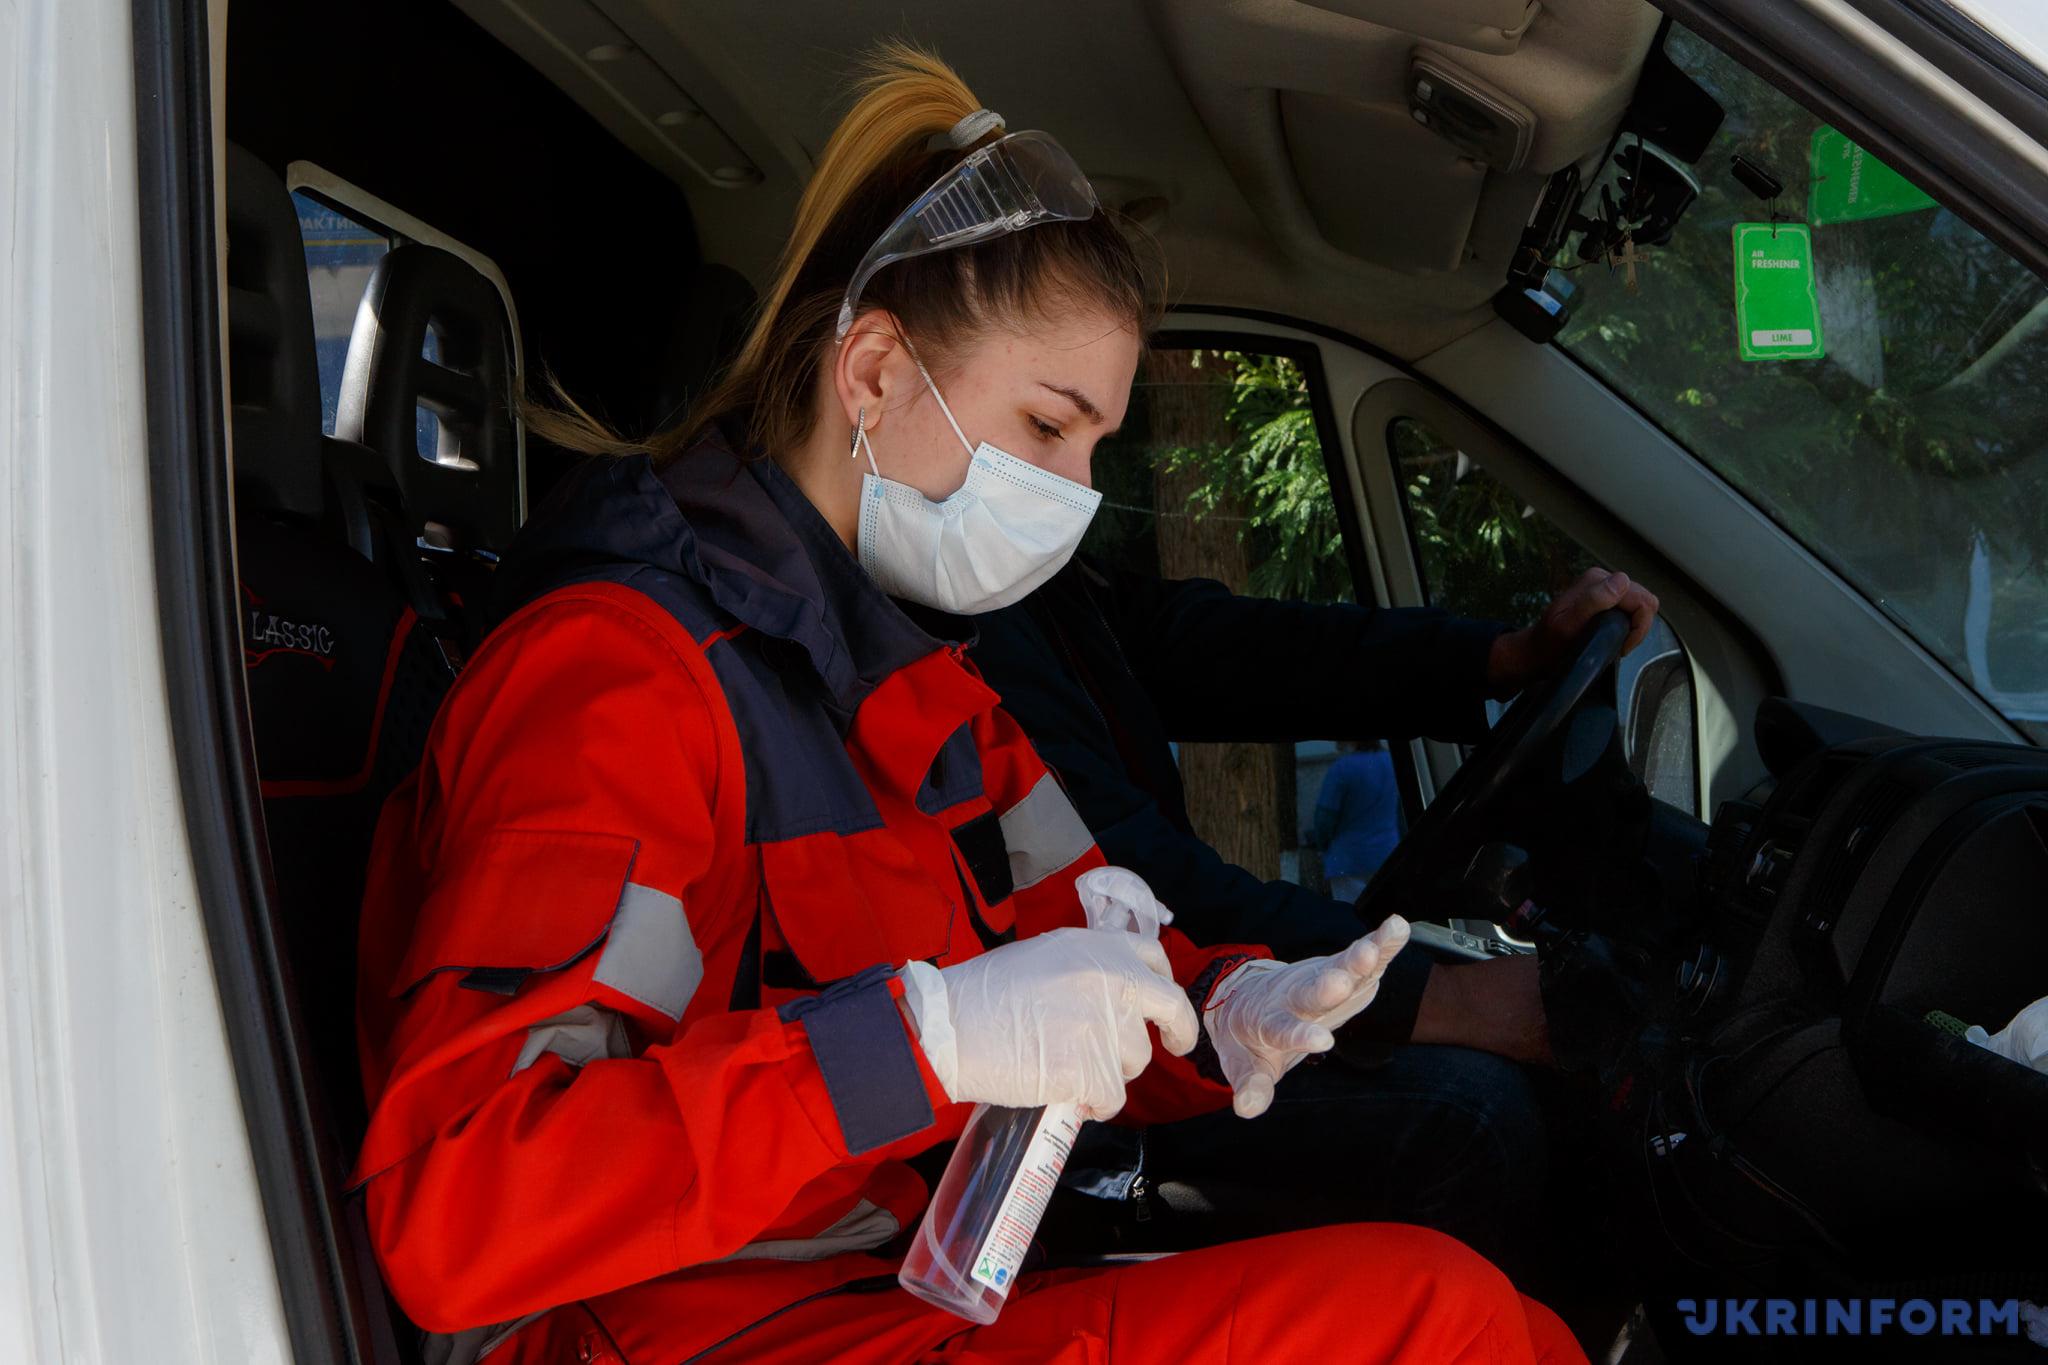 фельдшер Маріанна Мишанич дезінфікує руки після контакту з хворими